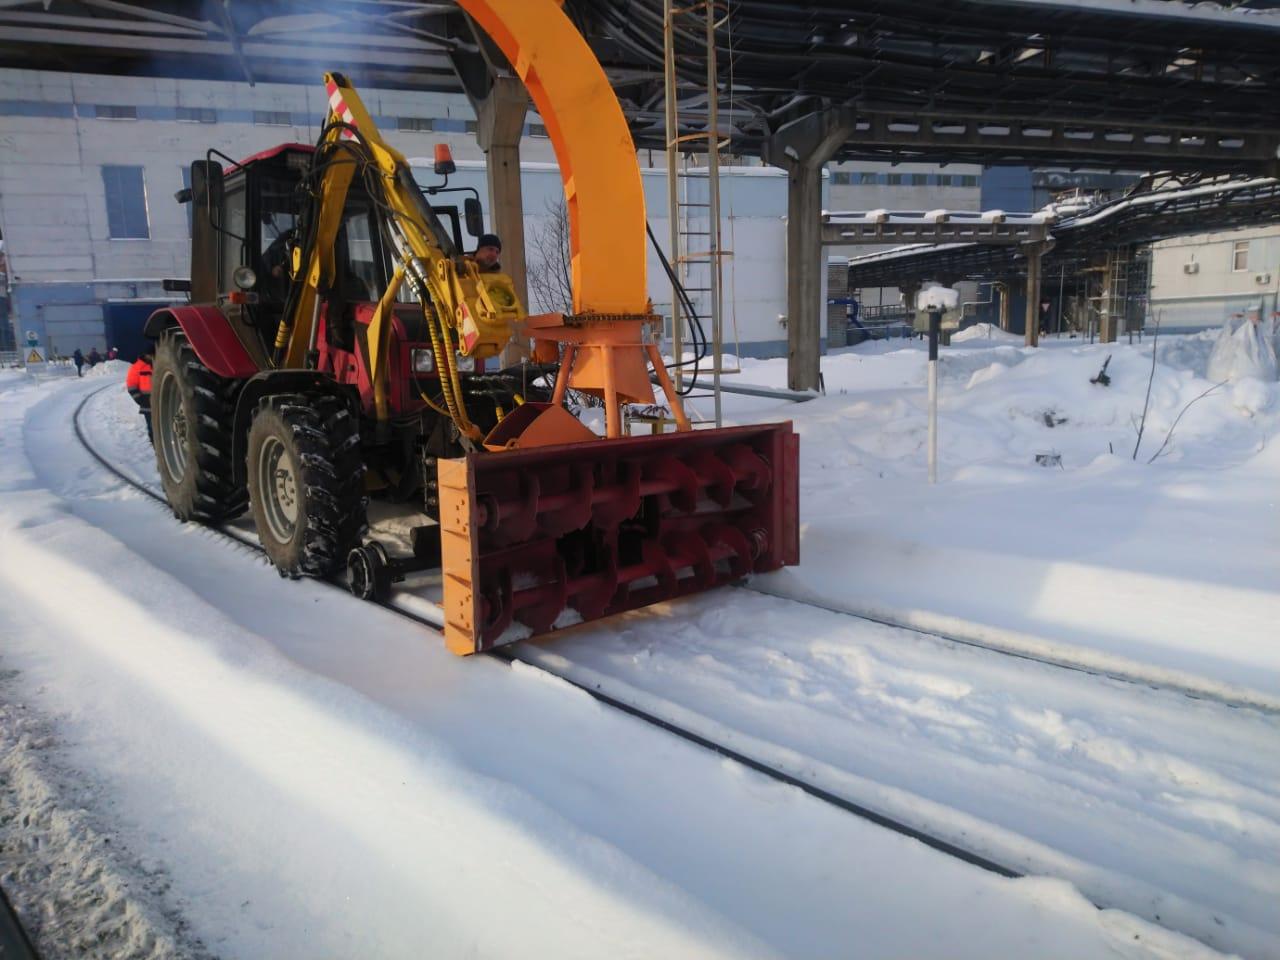 Машина универсальная РЕТРАК-92П с навесным снегоочистительным оборудованием